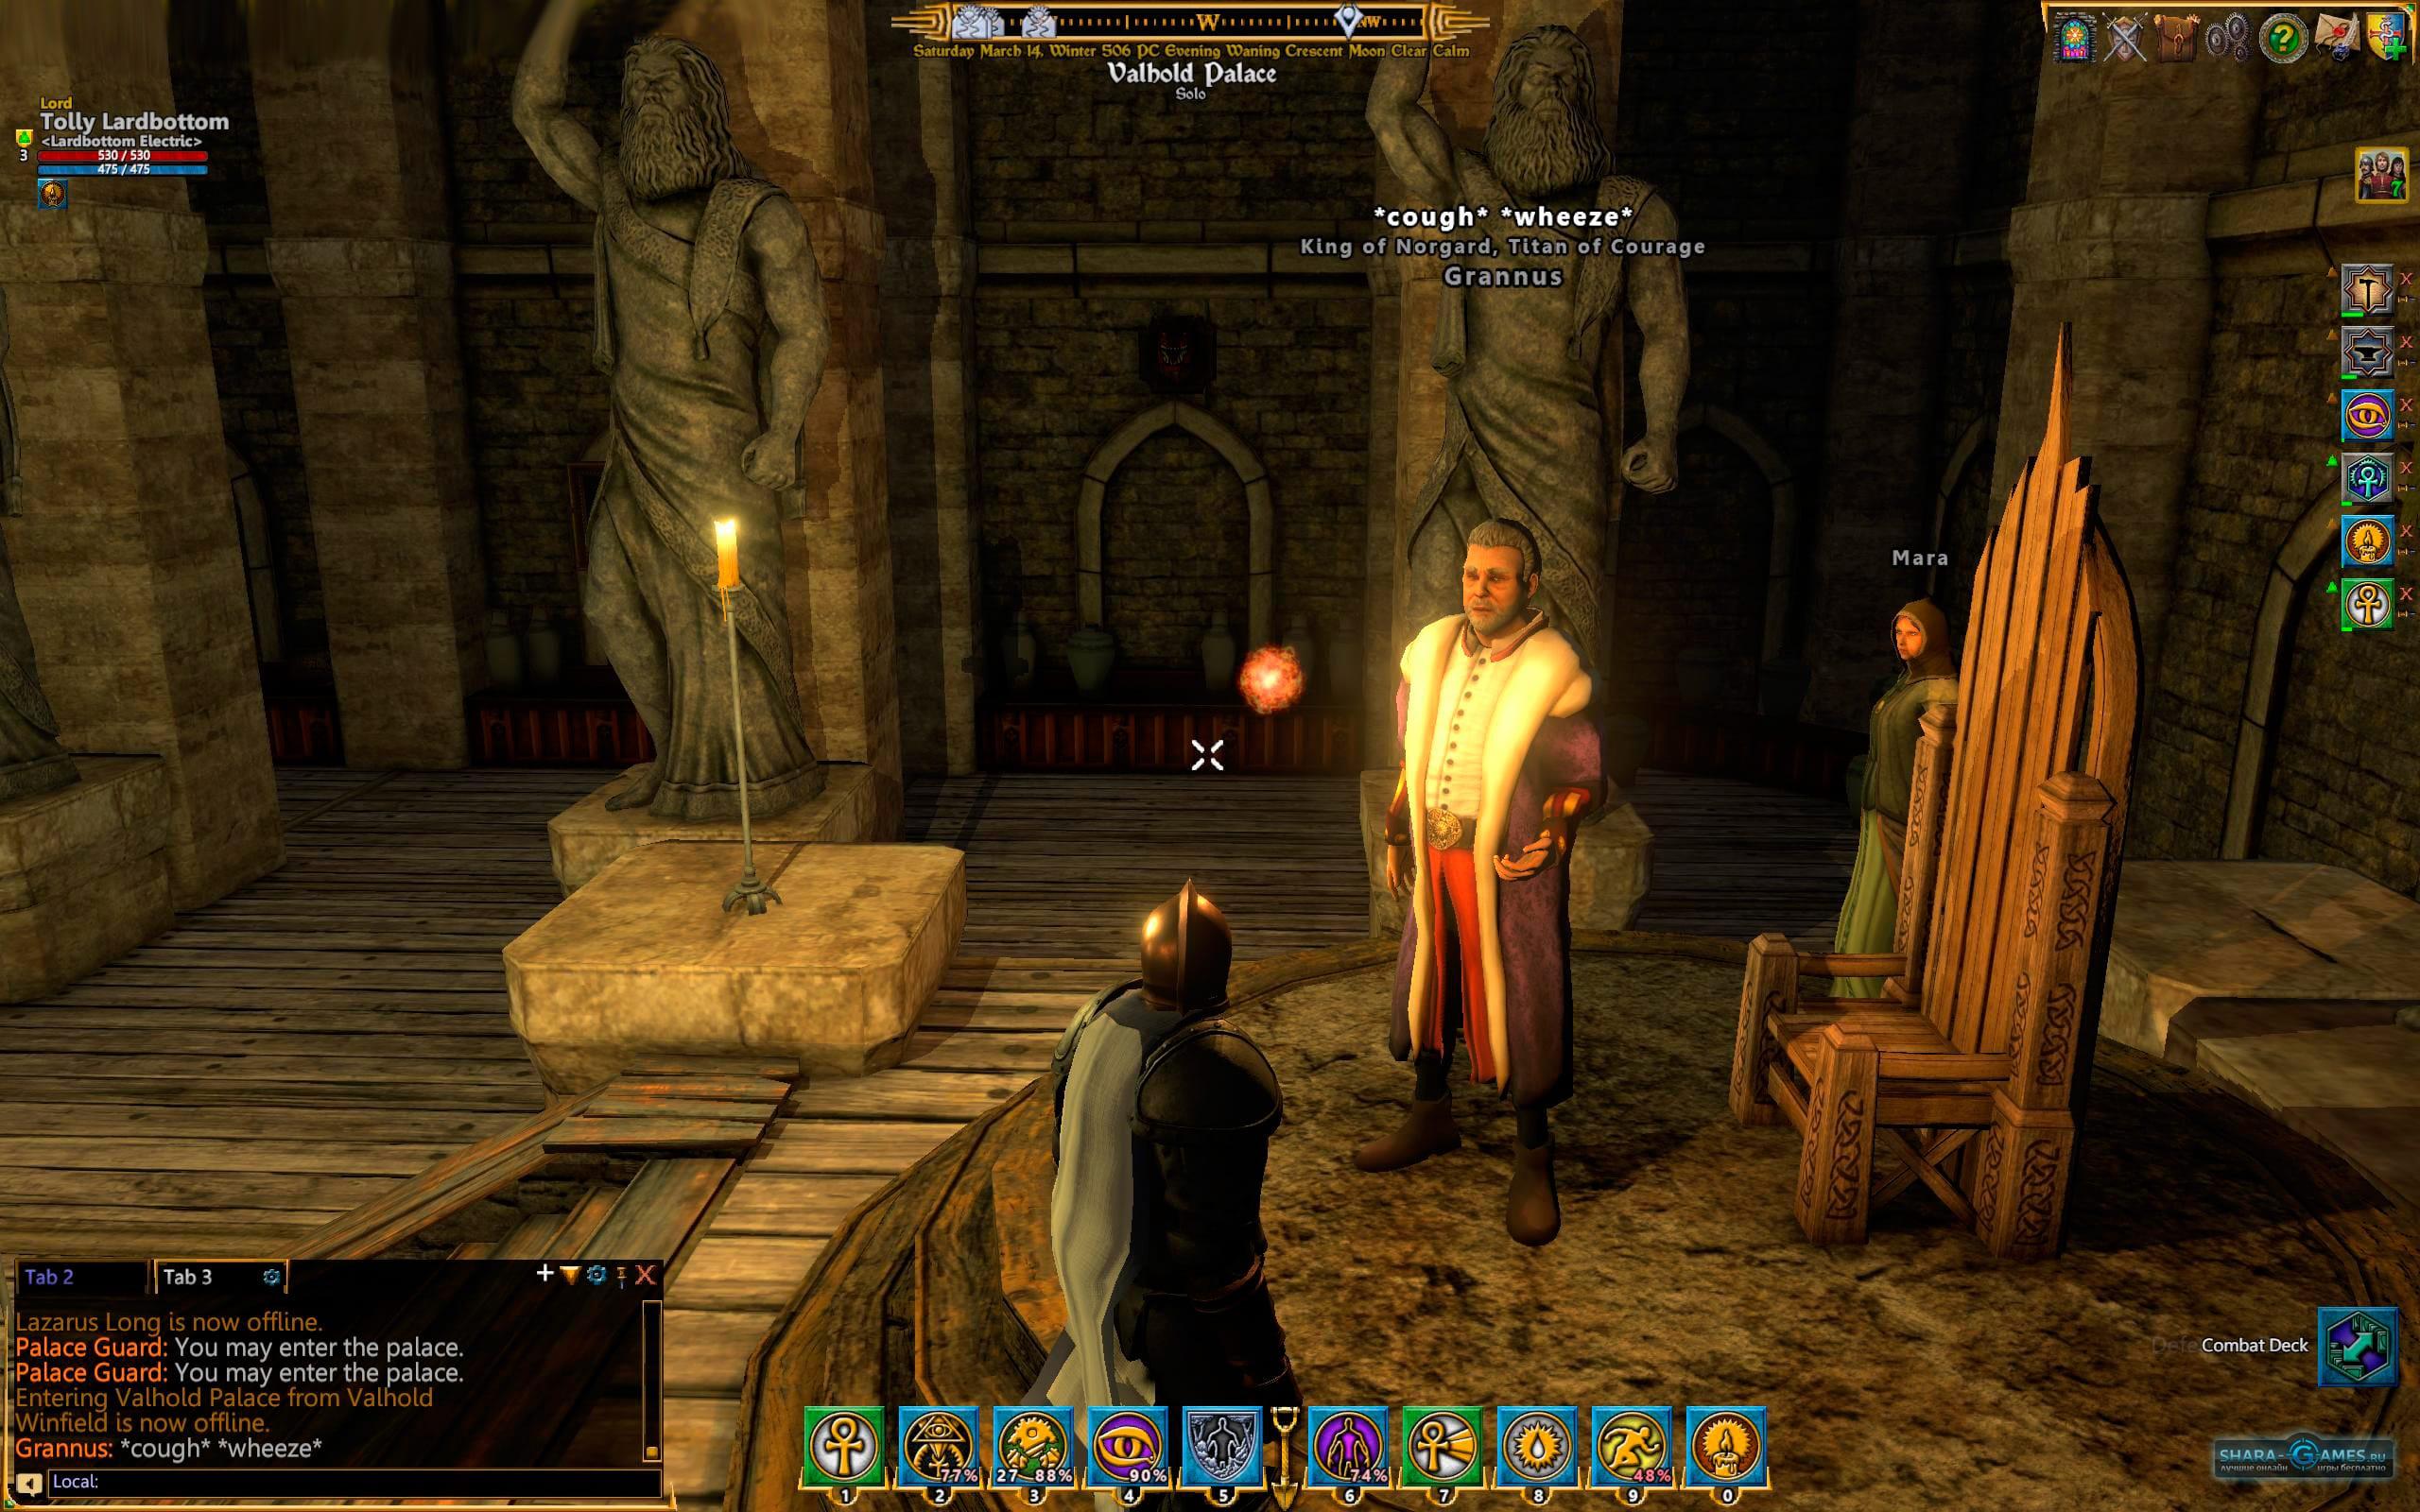 Аватар ролевая онлайн игра life is feudal можно ли играть одному